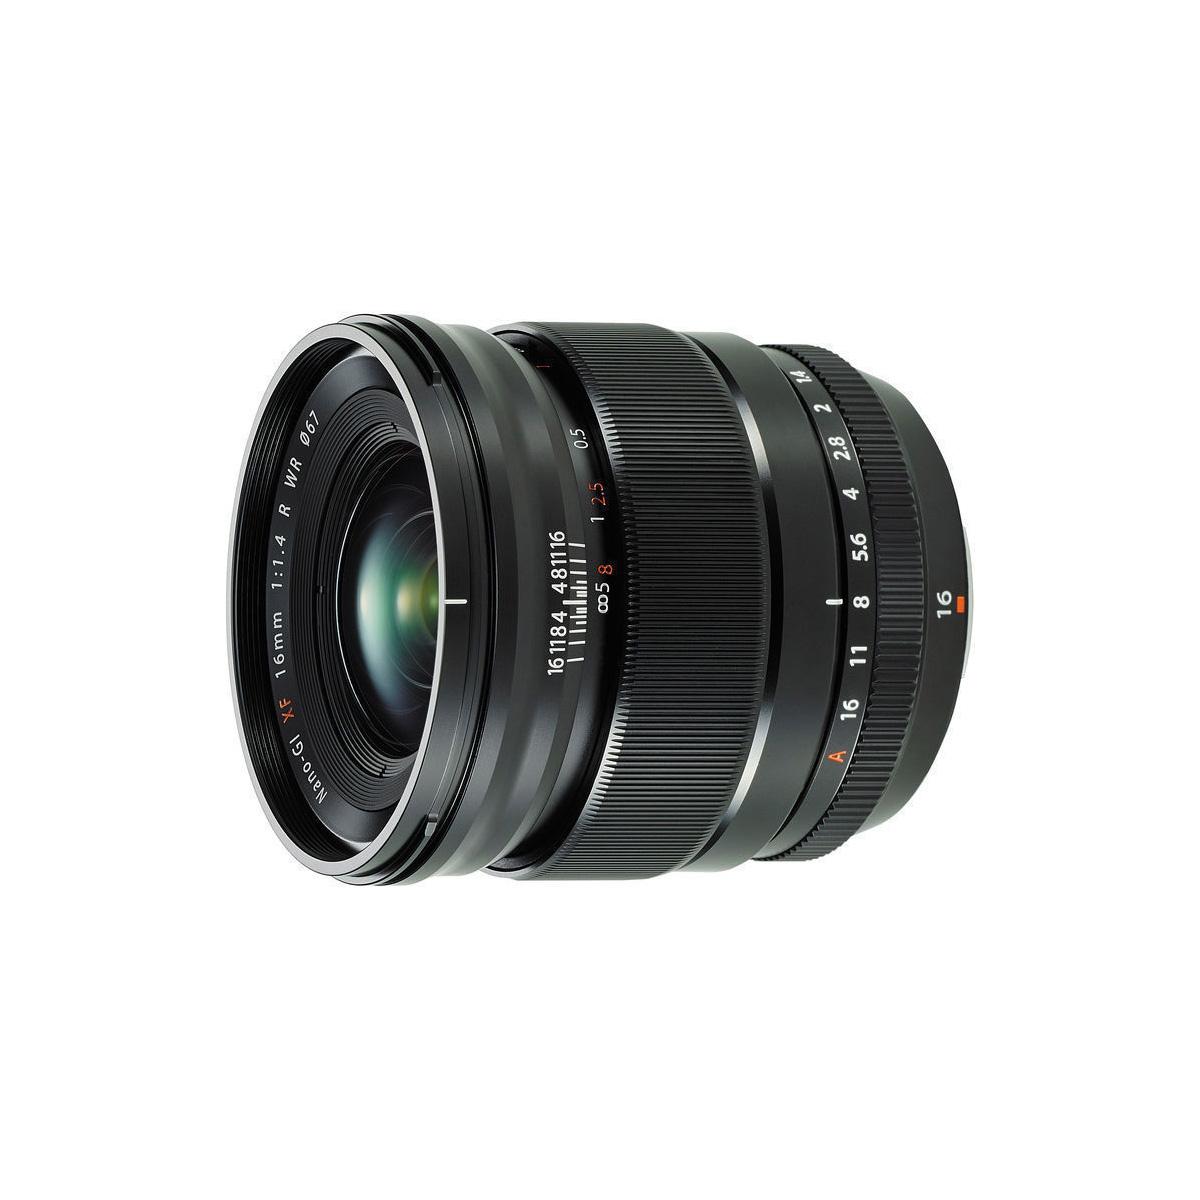 Fujifilm Xf 16mm F1 4 R Wr Lens The Camera Exchange Inc